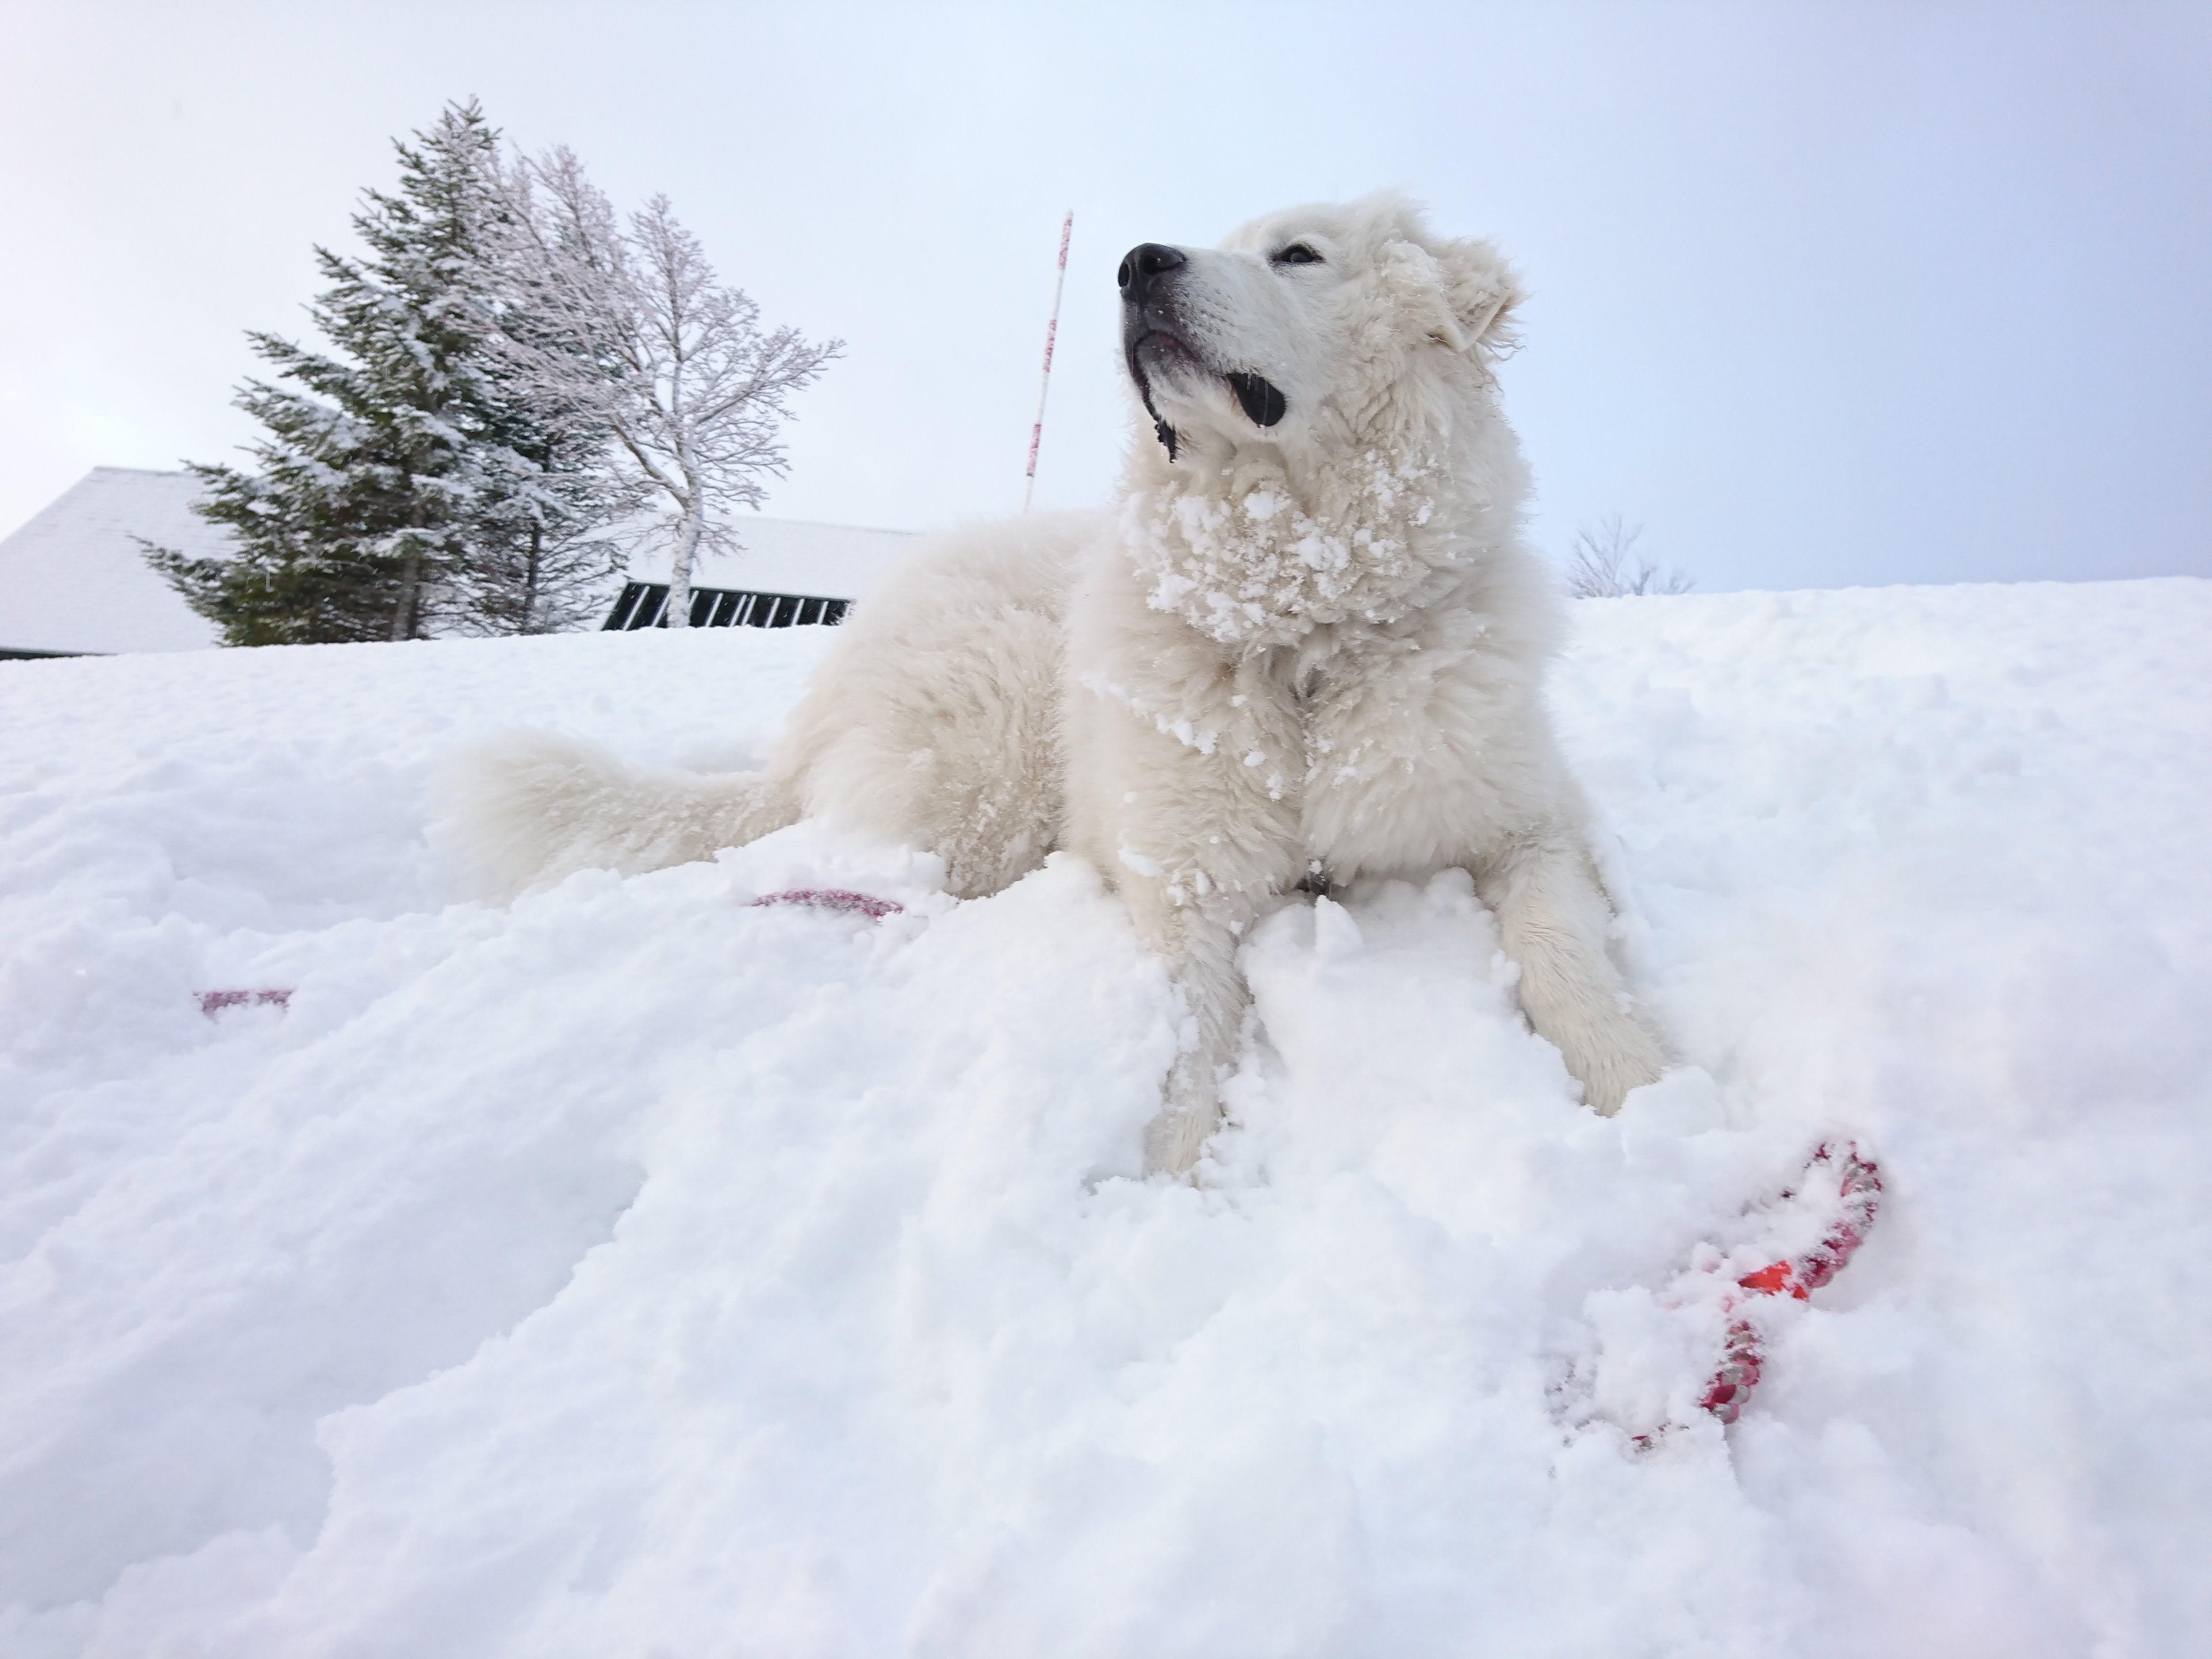 winter seasonの楽しみ方 ペット ドッグラン 雪遊び